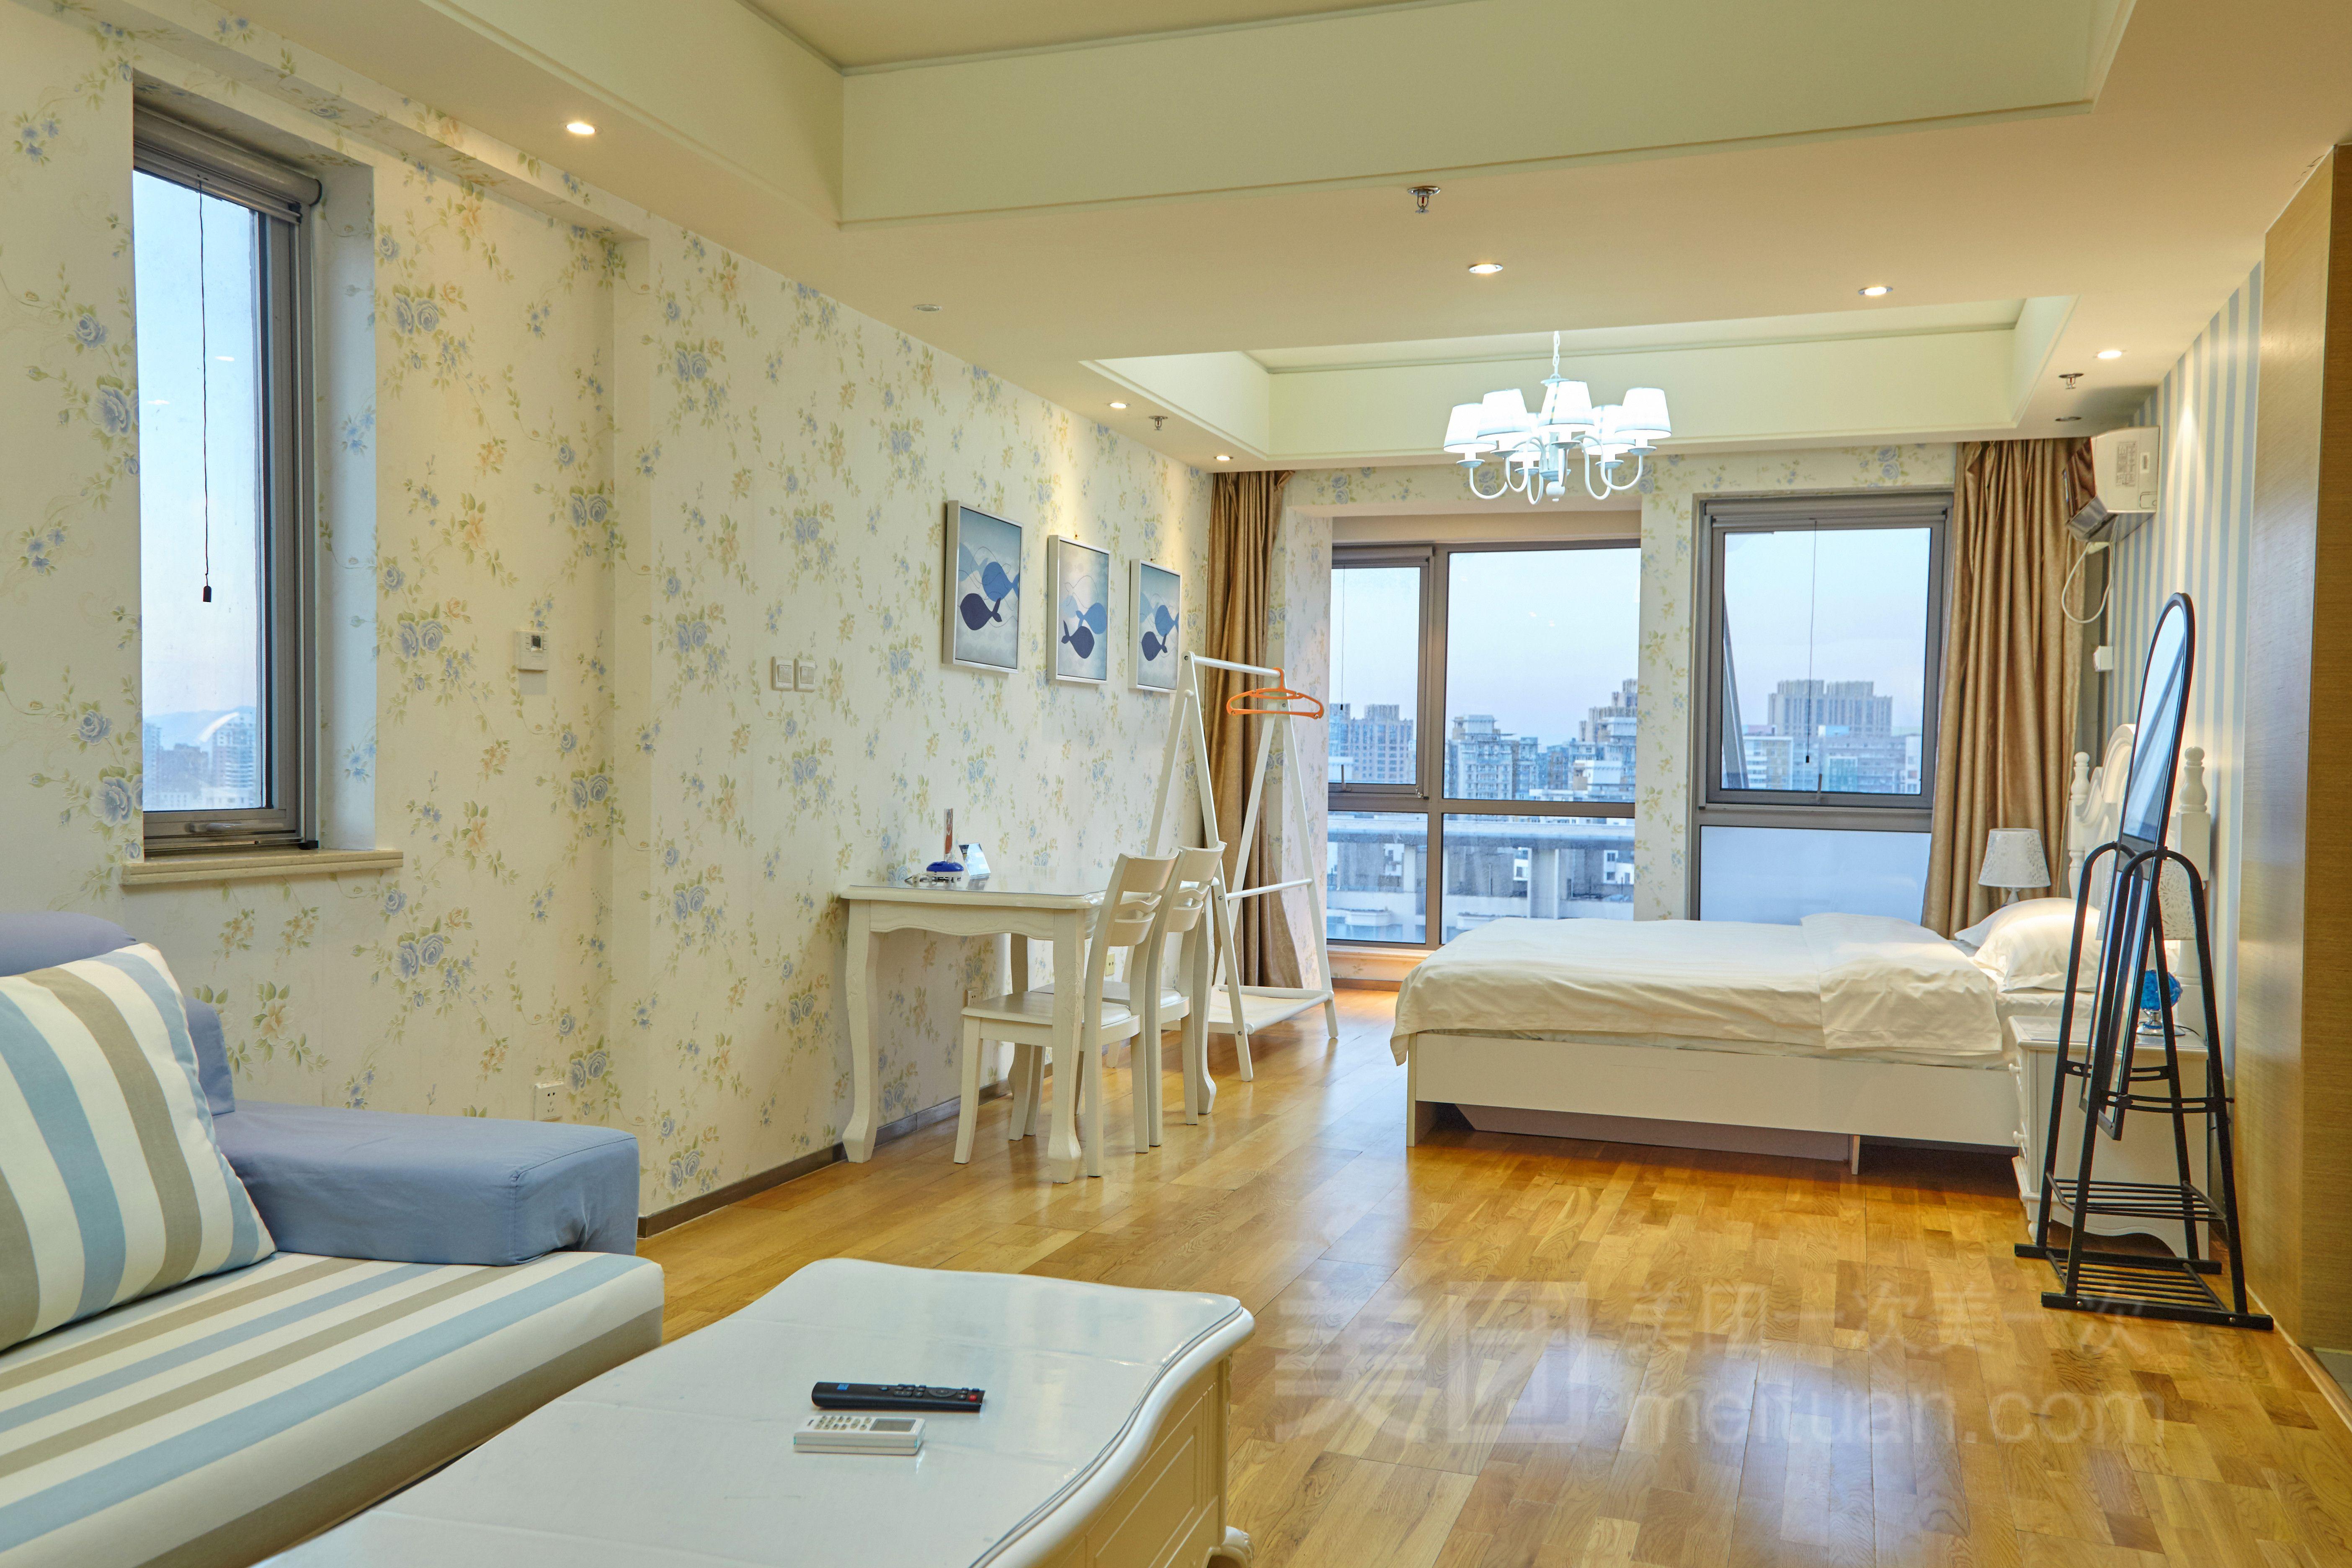 摩兜公寓(北京望京SOHO店)预订/团购